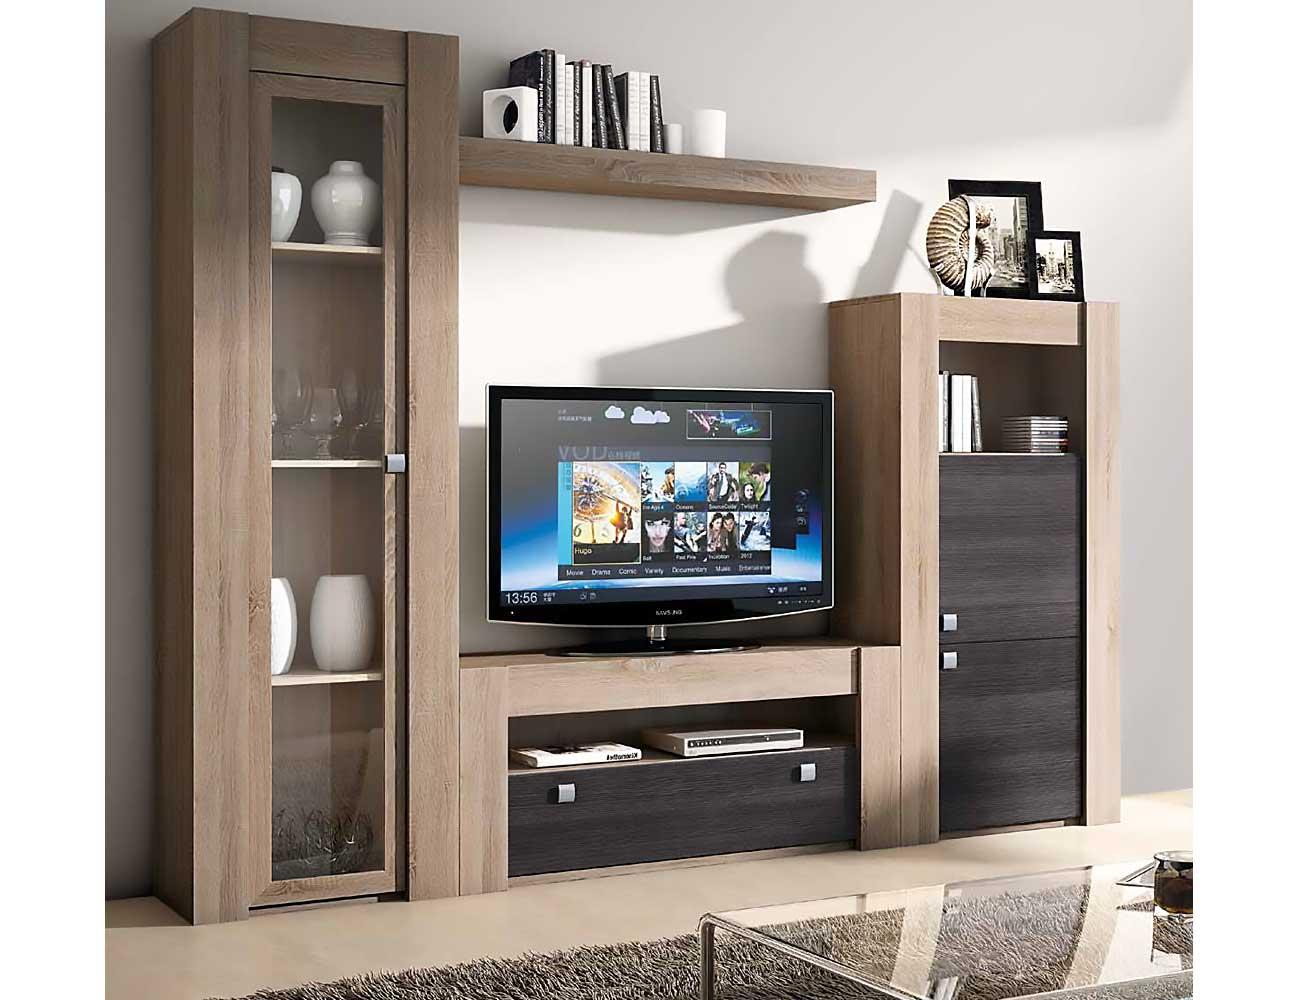 Mueble de sal n modular moderno en ceniza cambrian for Mueble moderno salon